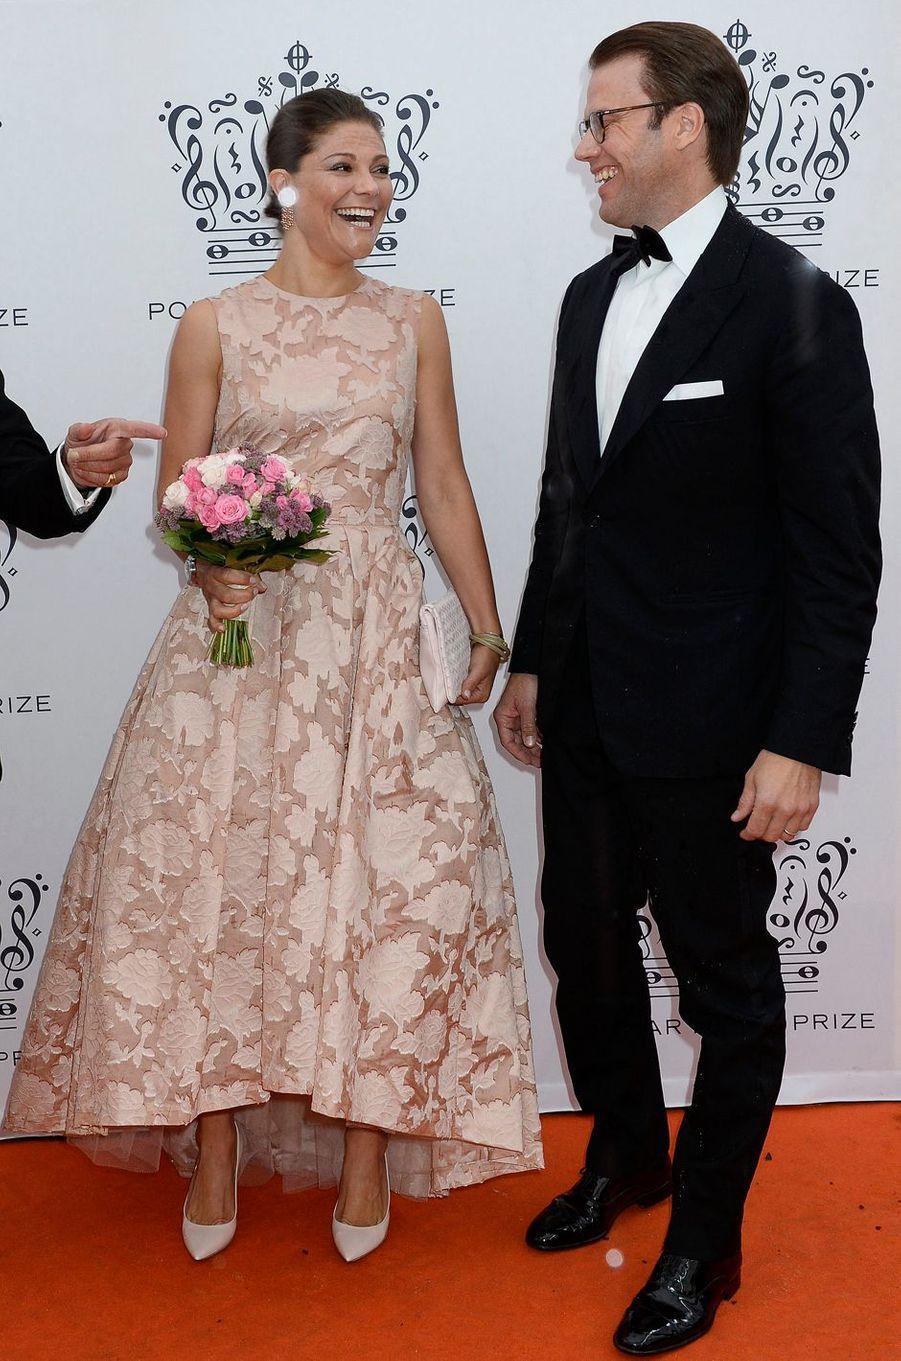 La princesse Victoria de Suède dans une robe H&M au Polar Music Prize, le 26 août 2014